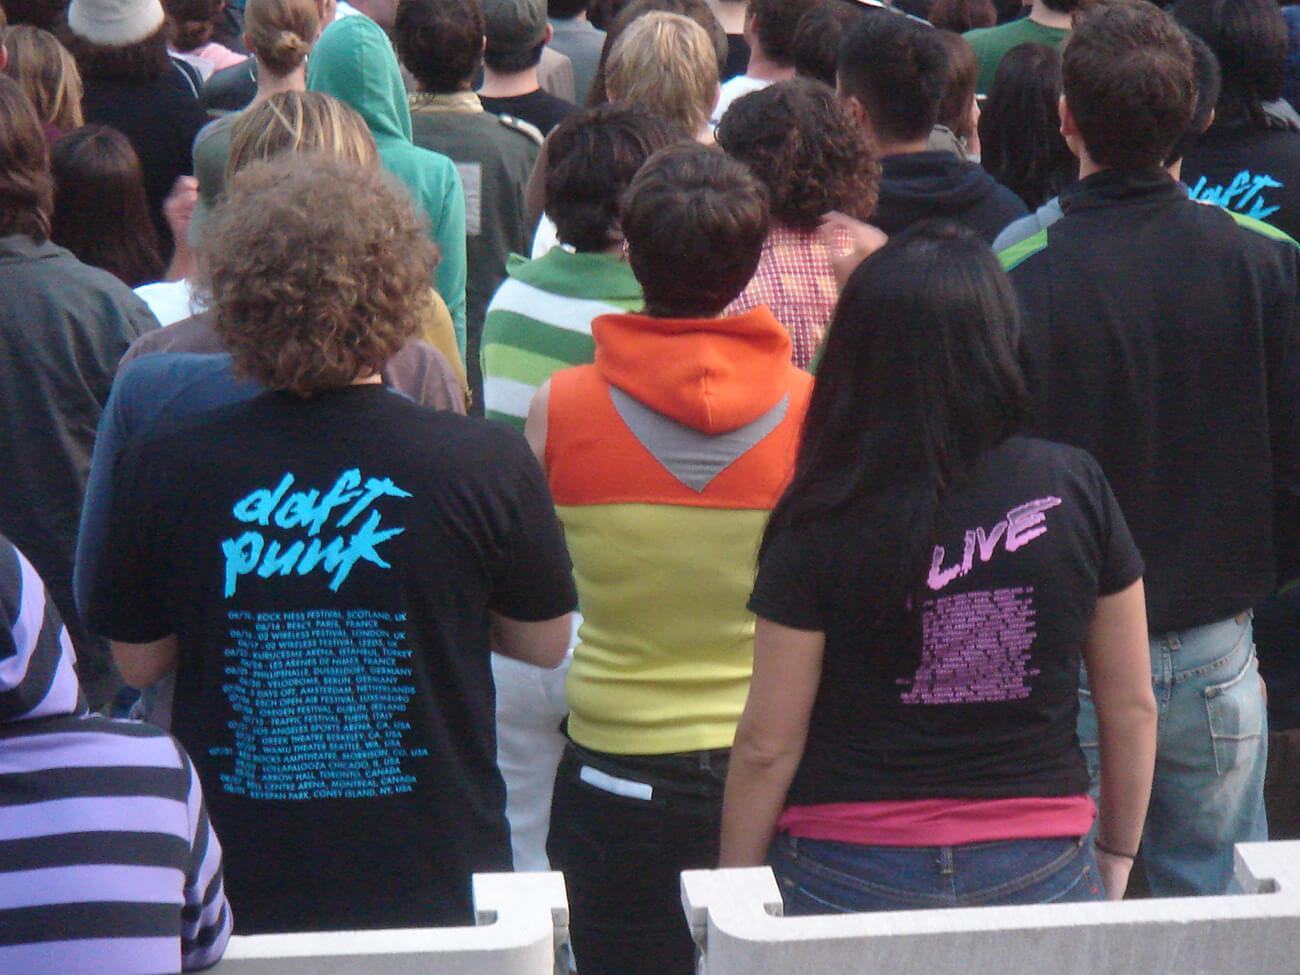 Marketing musical. Foto fans de Daft Punk.